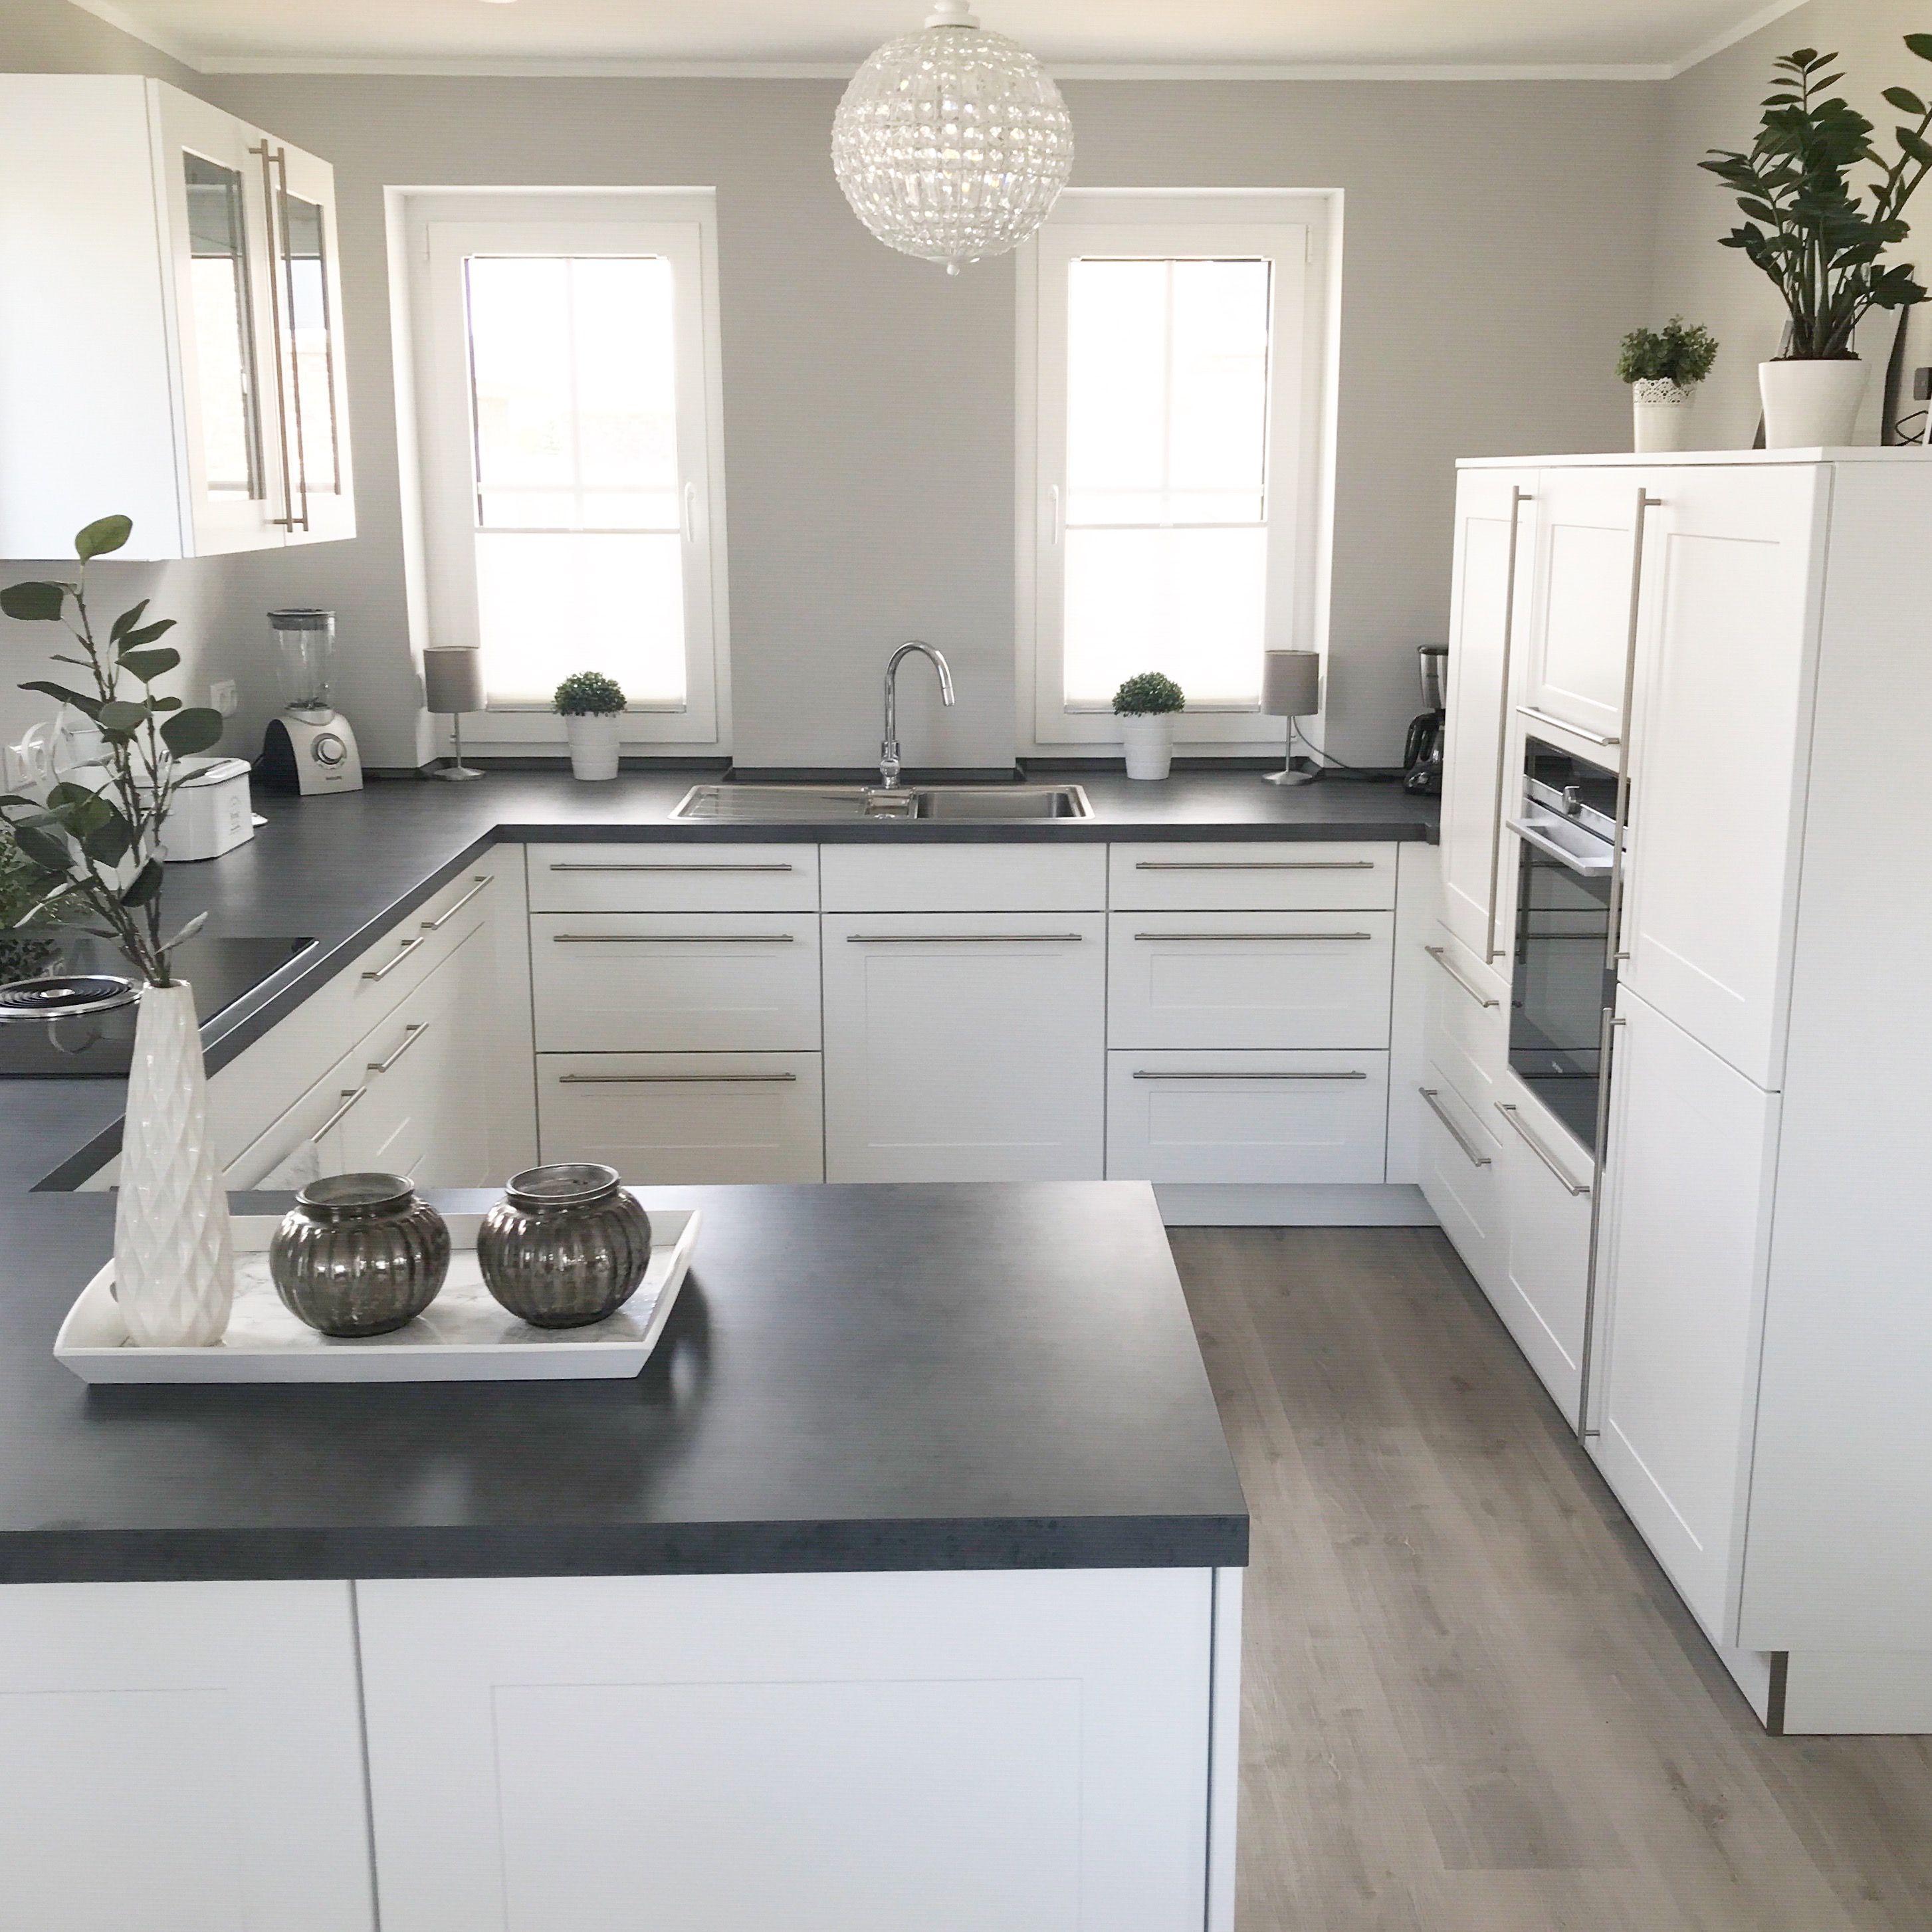 Instagram Wohn Emotion Landhaus Kuche Kitchen Modern Grau Weiss Grey White Haus Kuchen Kuche Landhaus Modern Landhauskuche